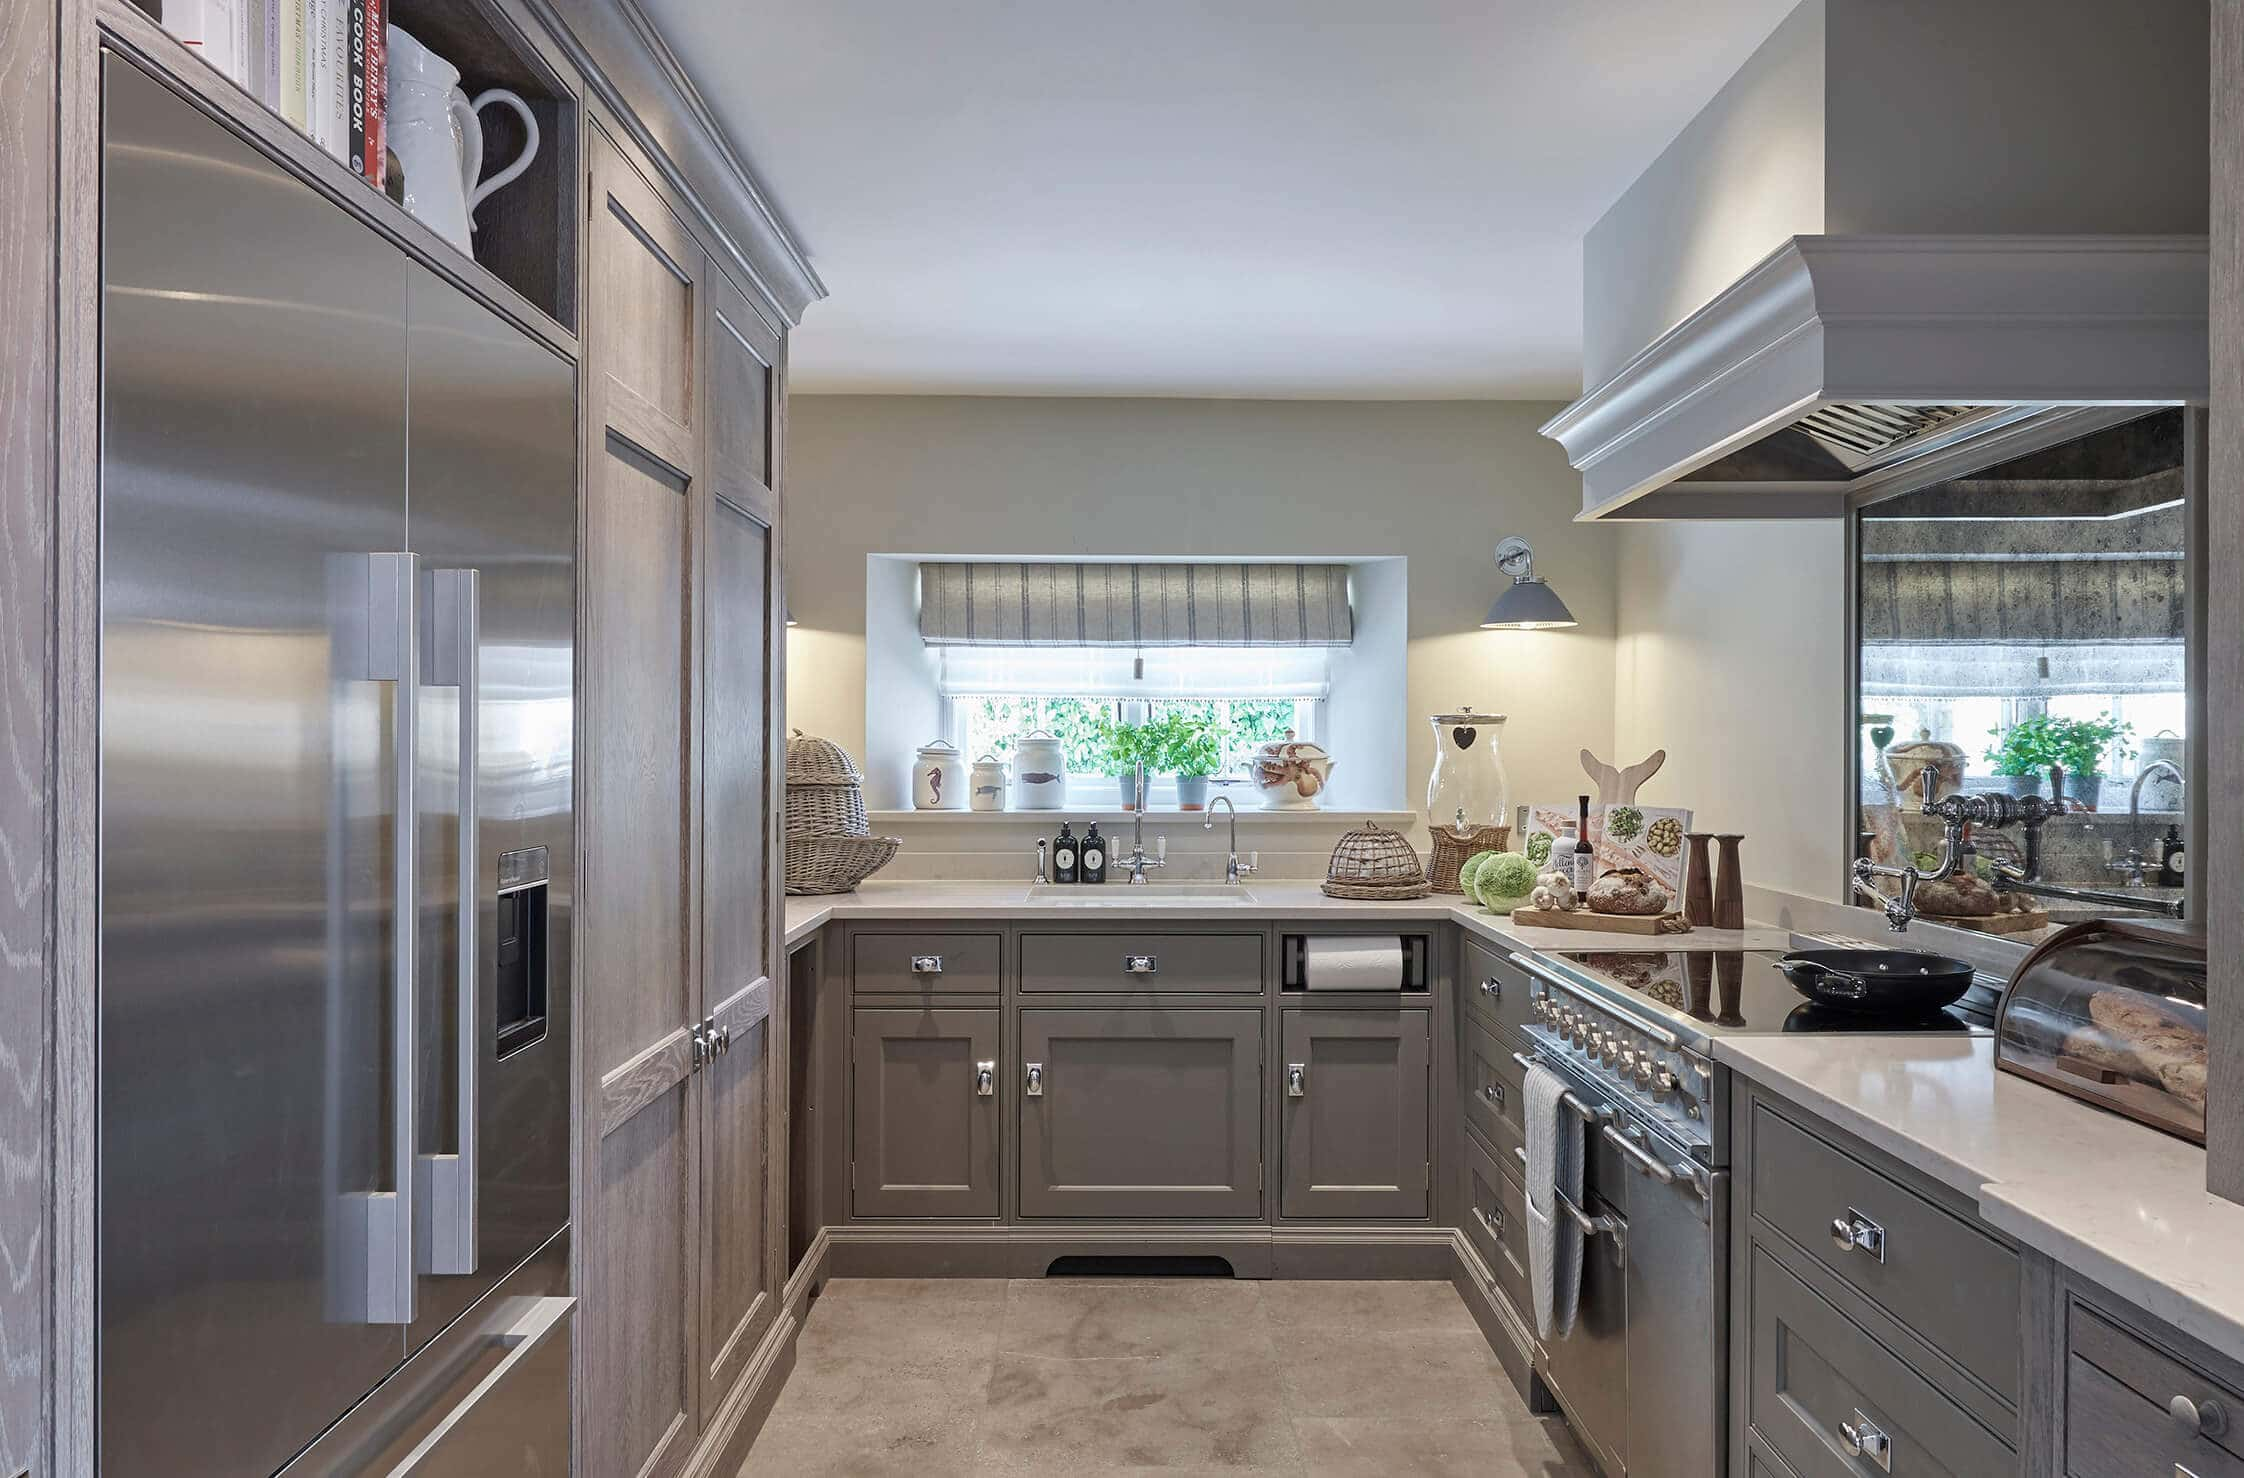 Kitchen of Devon interior design project